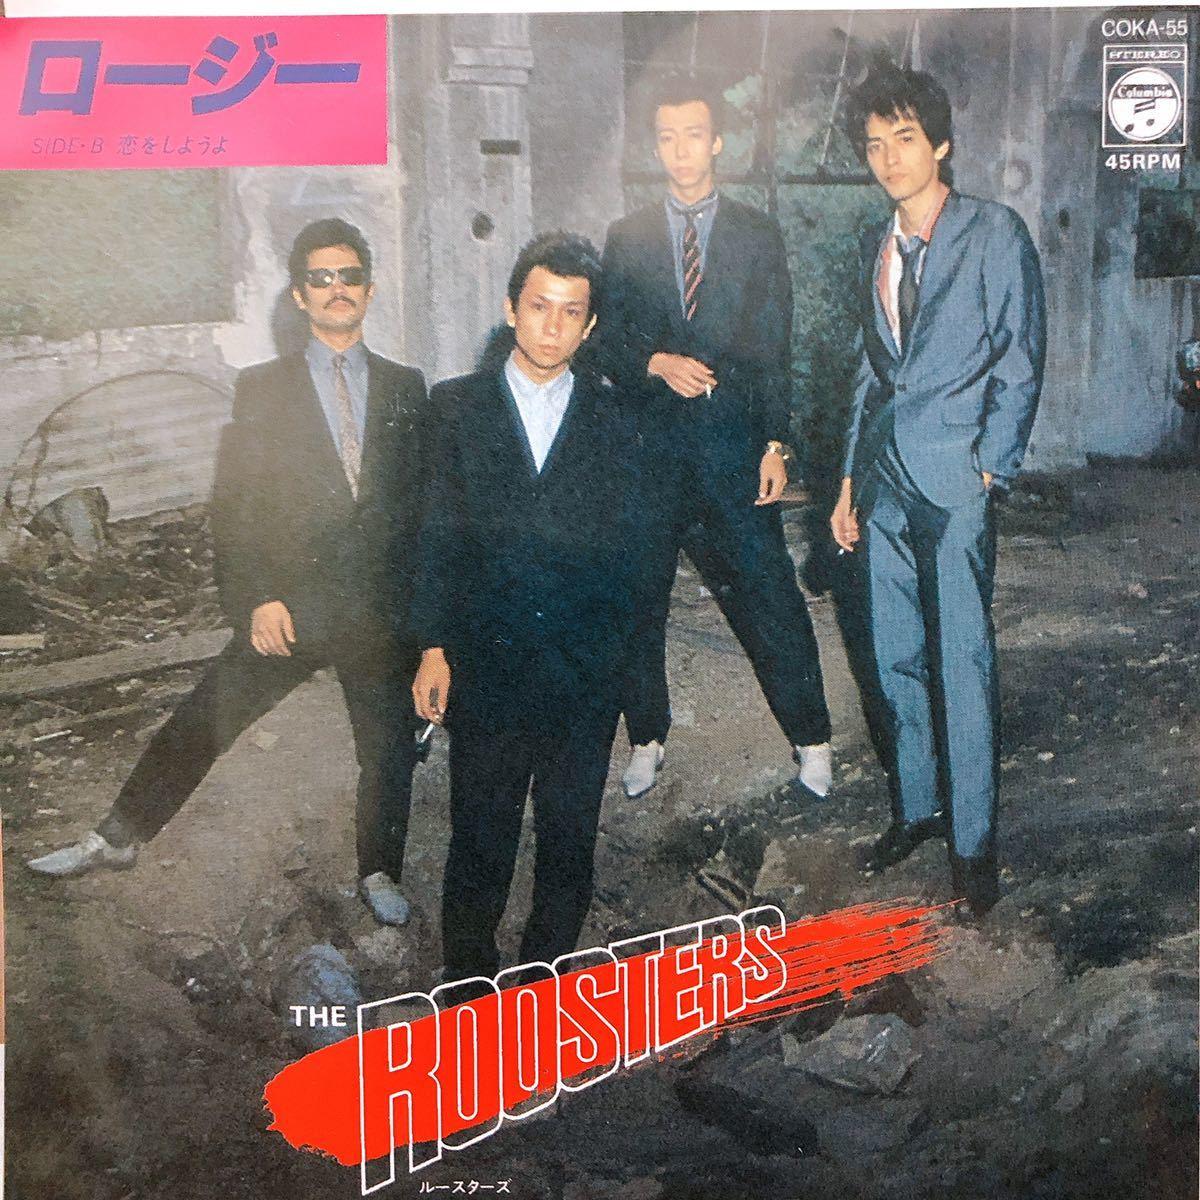 【新品 未聴品】Roosters / ロージー/恋をしようよ 7inch EP Rockers ルースターズ MODS 入手難 希少_画像1